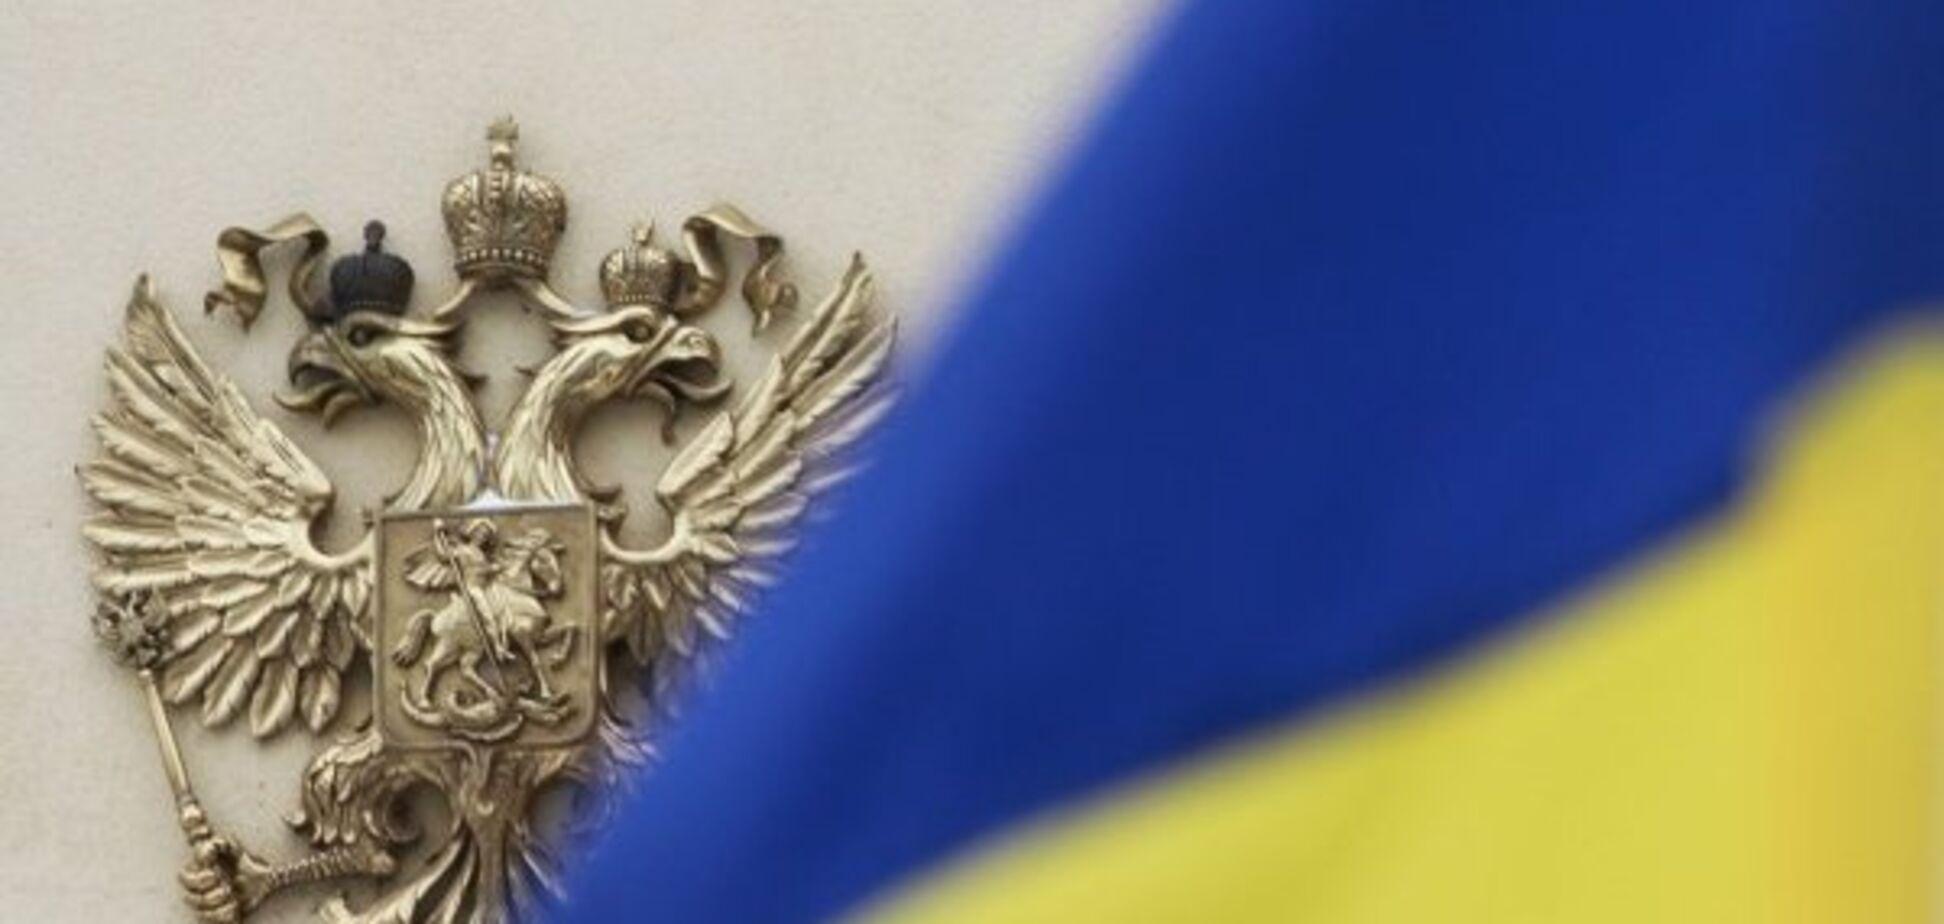 Сколько потеряла Украина из-за агрессии РФ